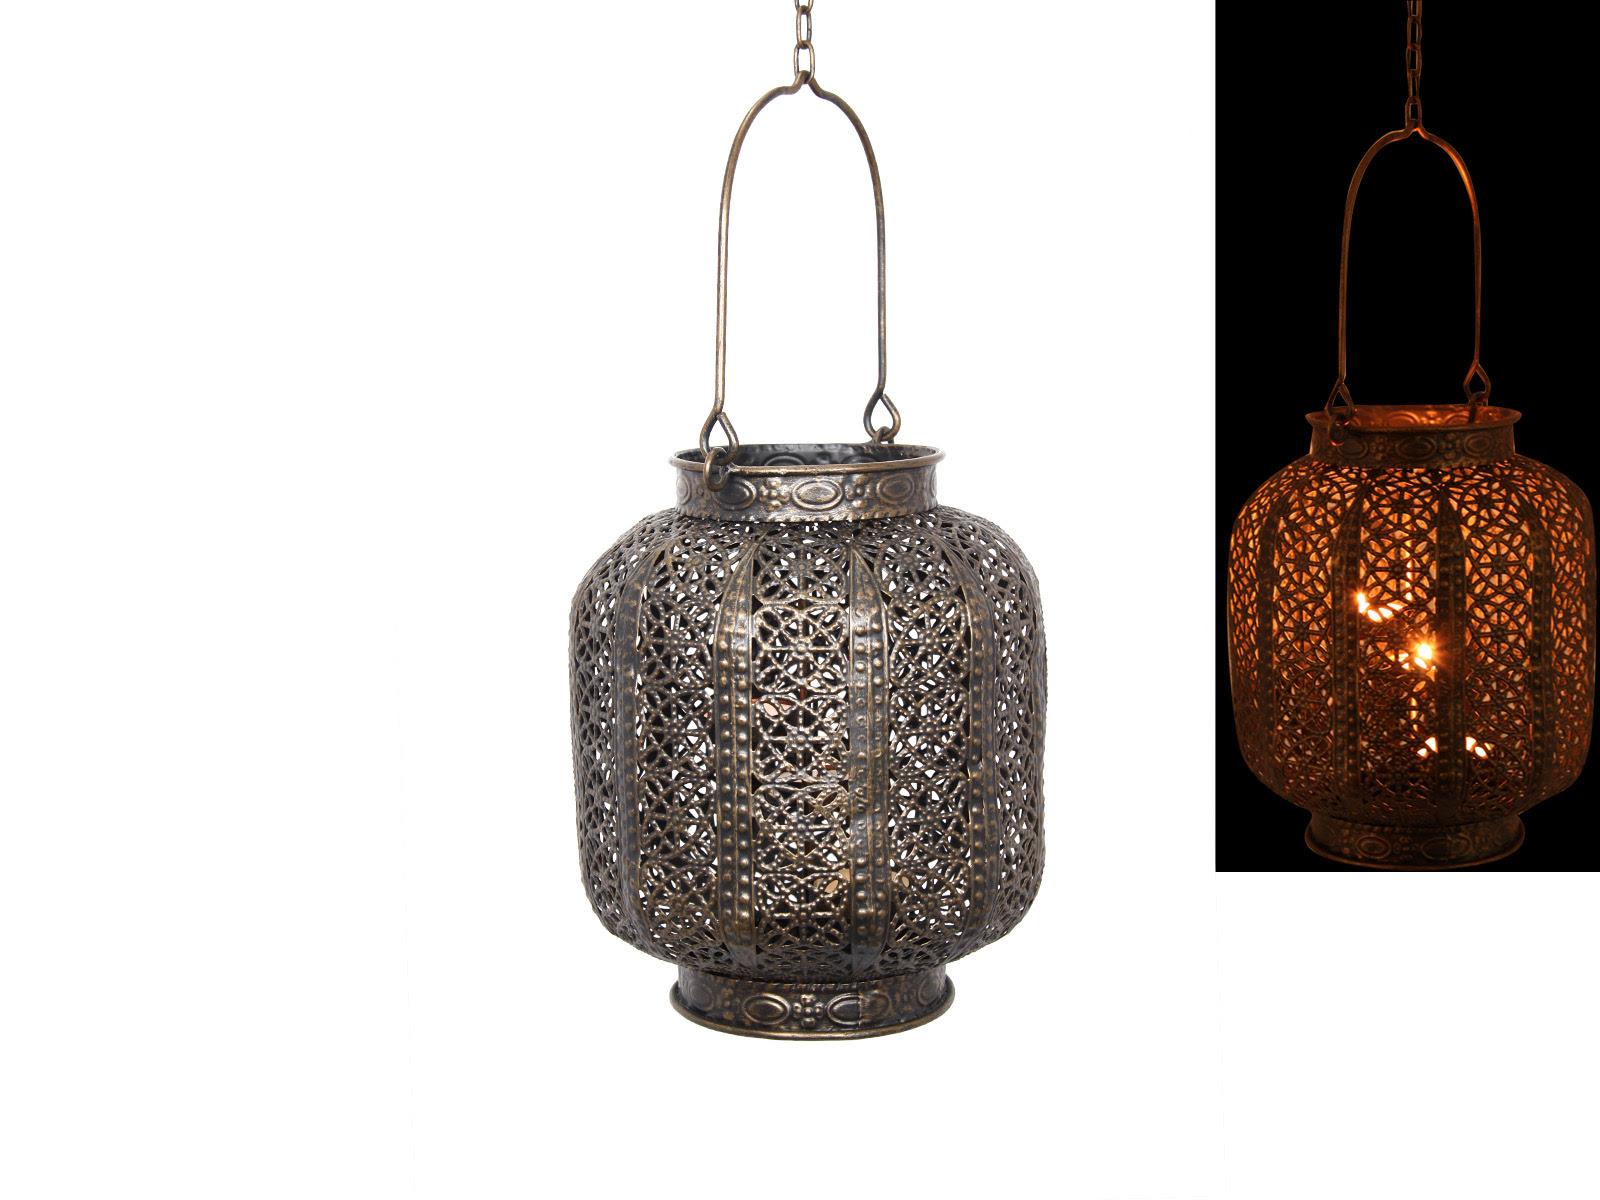 23cm Bronze Metal Hanging Lantern/Candle Holder Moroccan ...